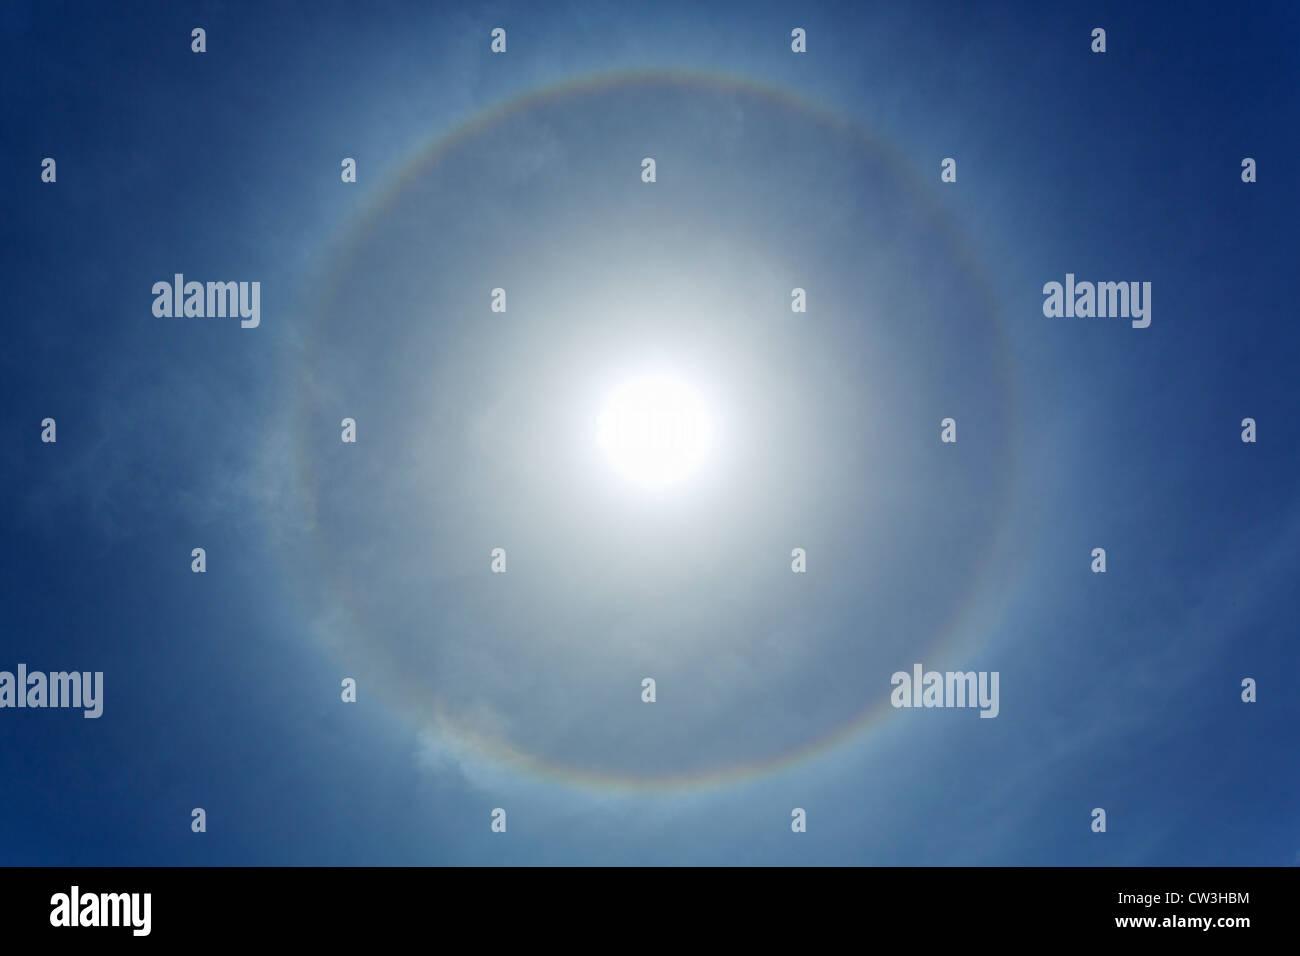 Sun dog a halo around the sun - Stock Image